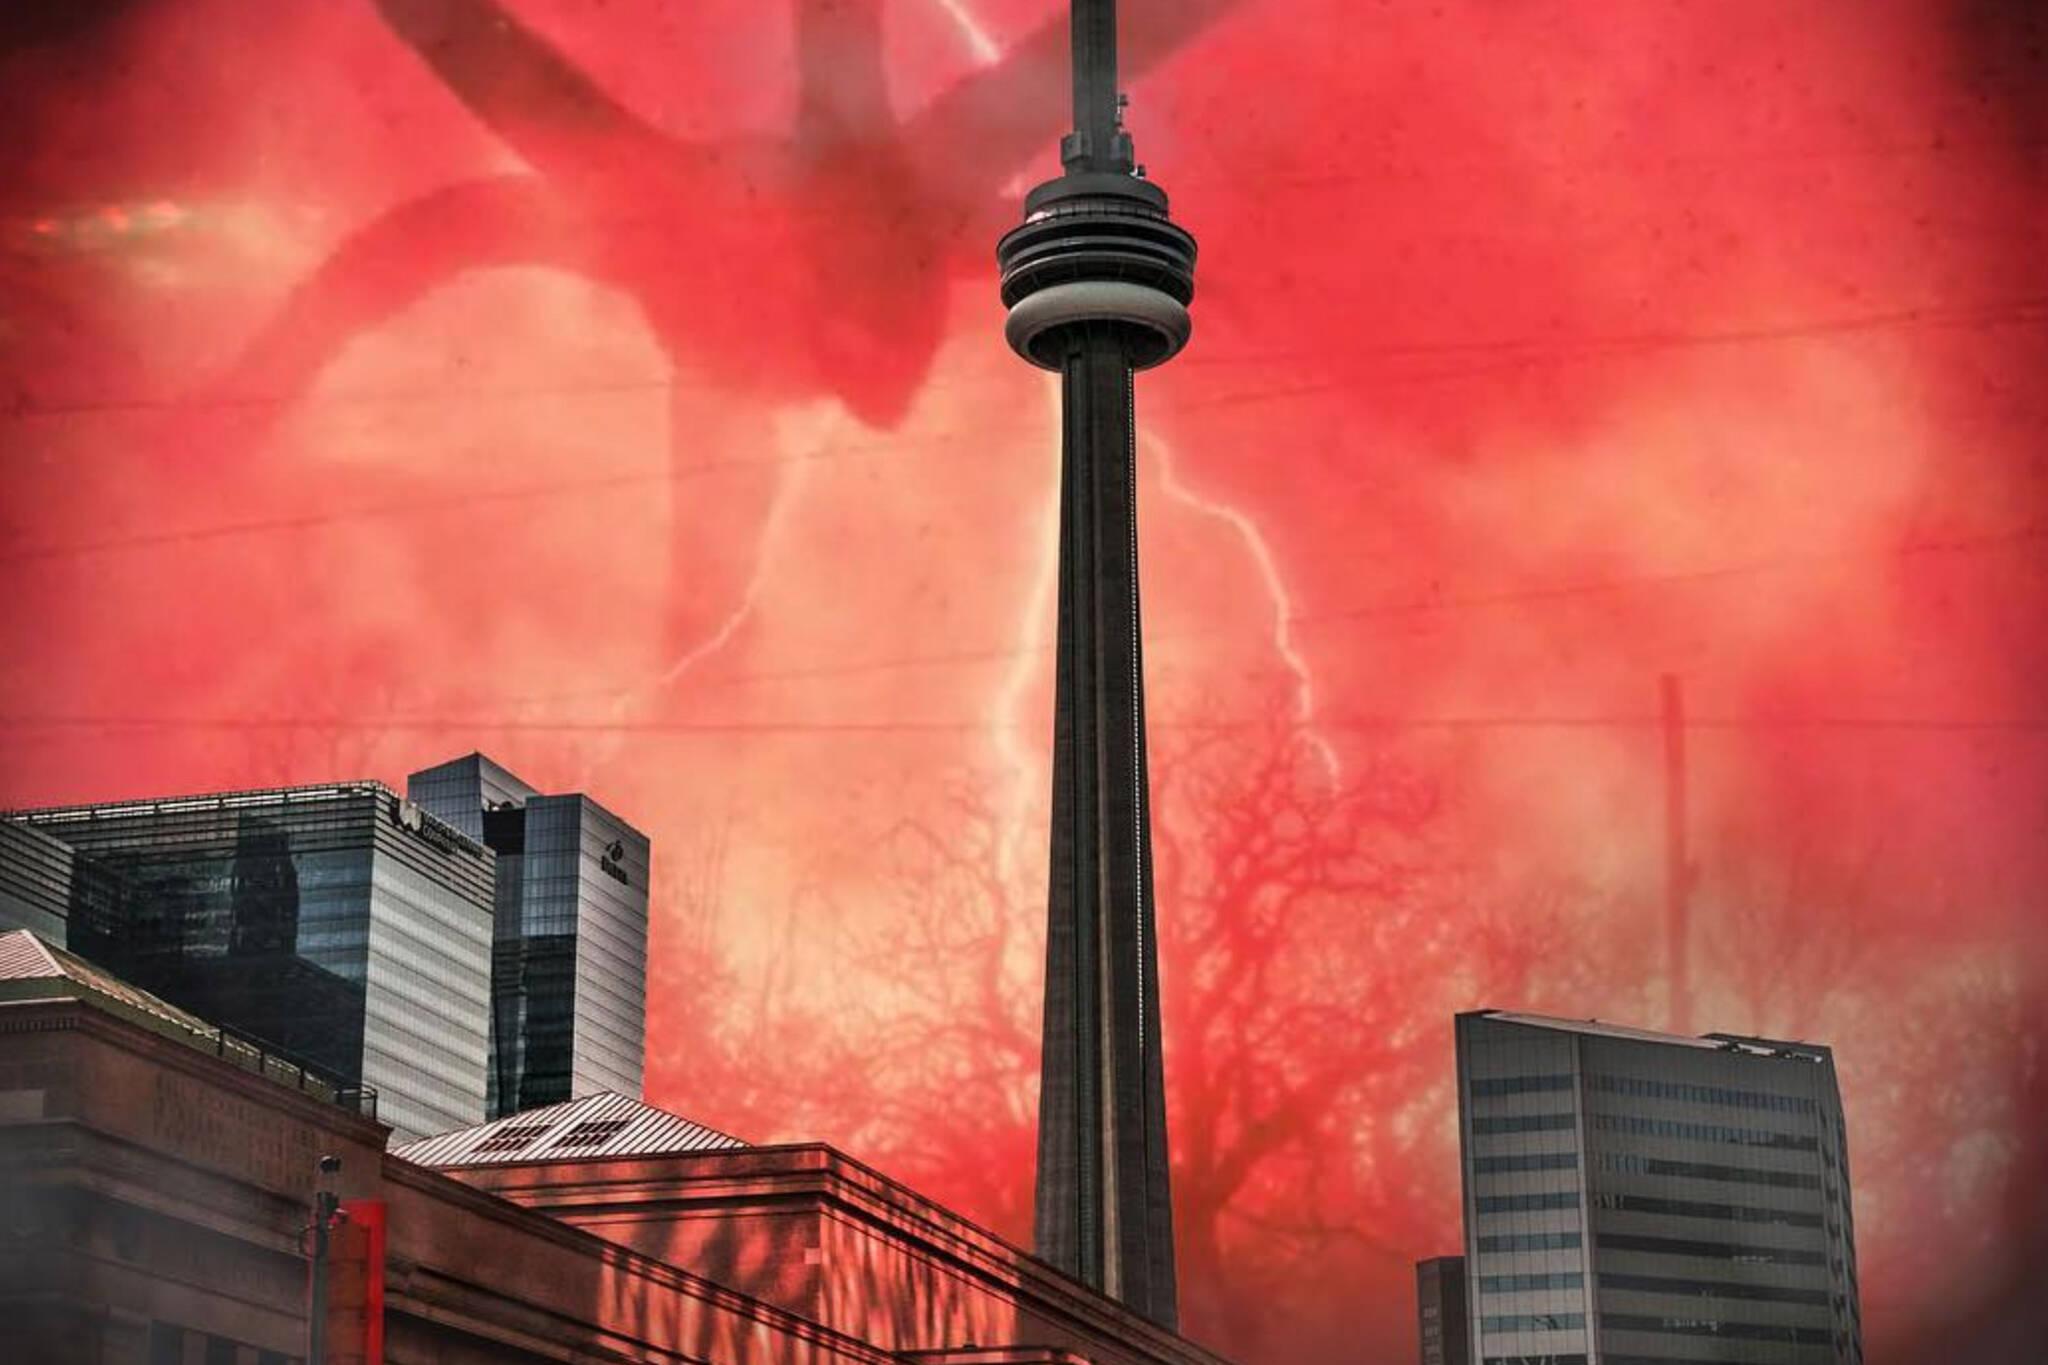 stranger things Toronto